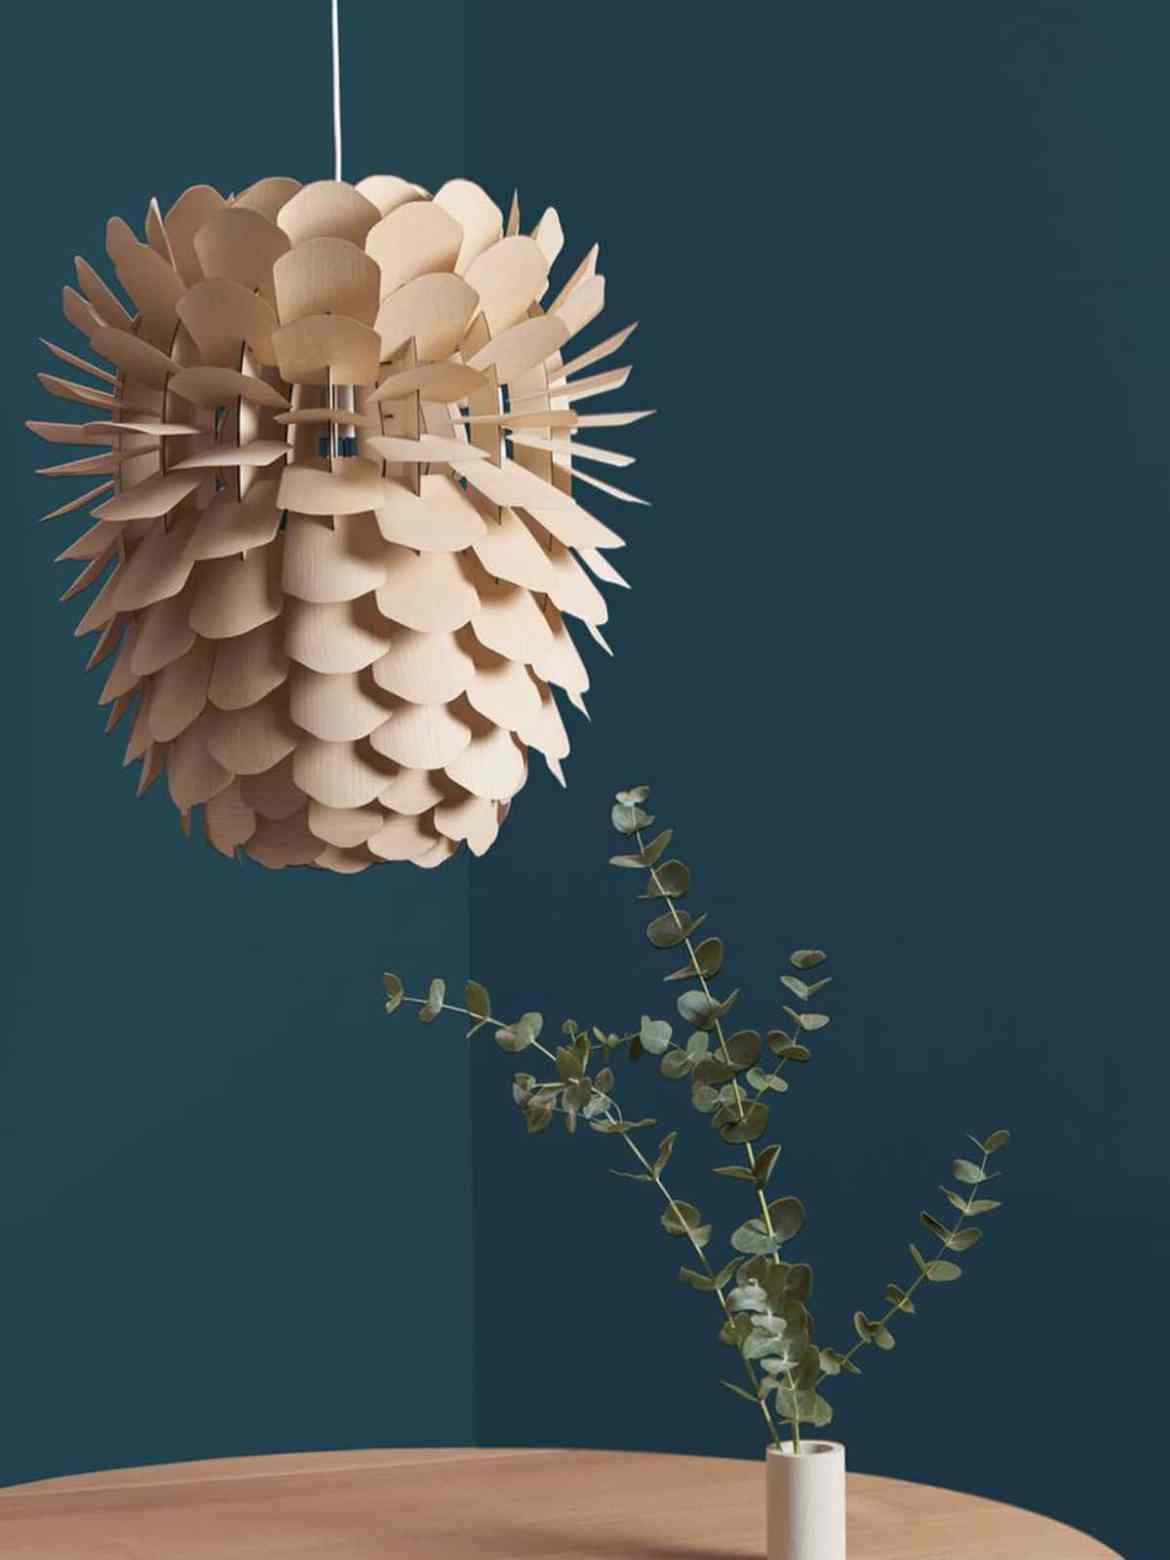 DesignOrt Blog: Florale Designerleuchten Holzlampe Zappy Big Pine von Schneid